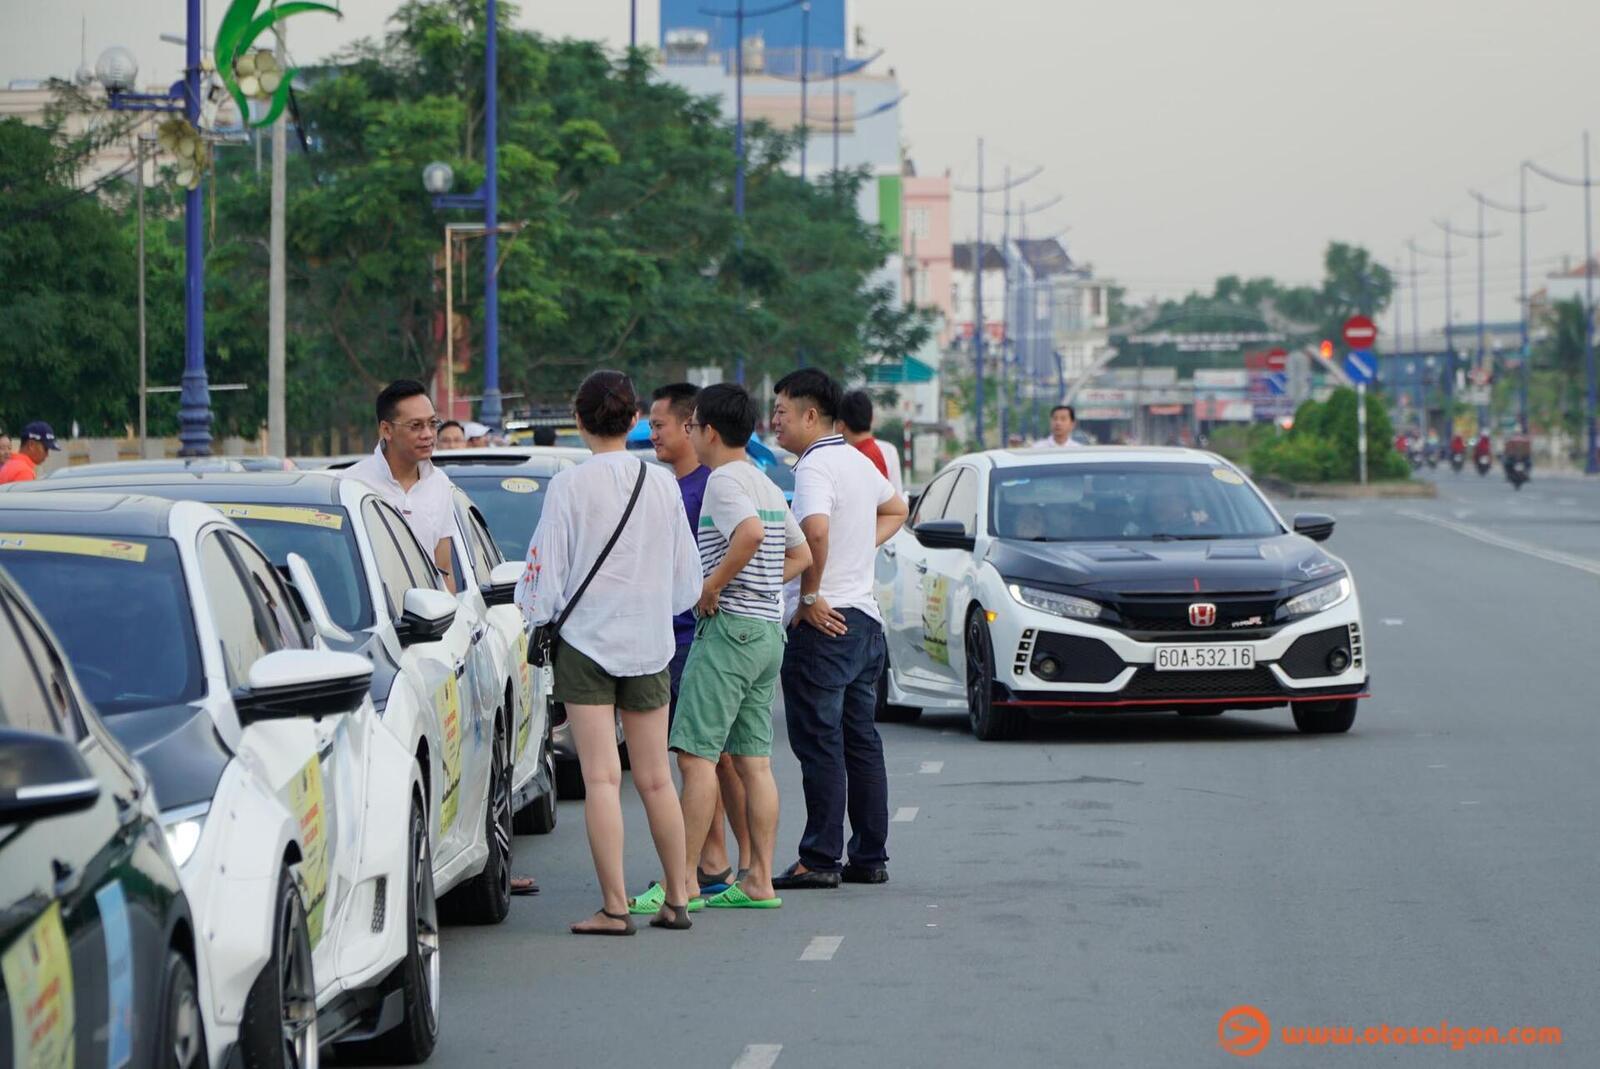 Civic Club Saigon tổ chức offline kỷ niệm sinh nhật lần thứ 3 - Hình 14